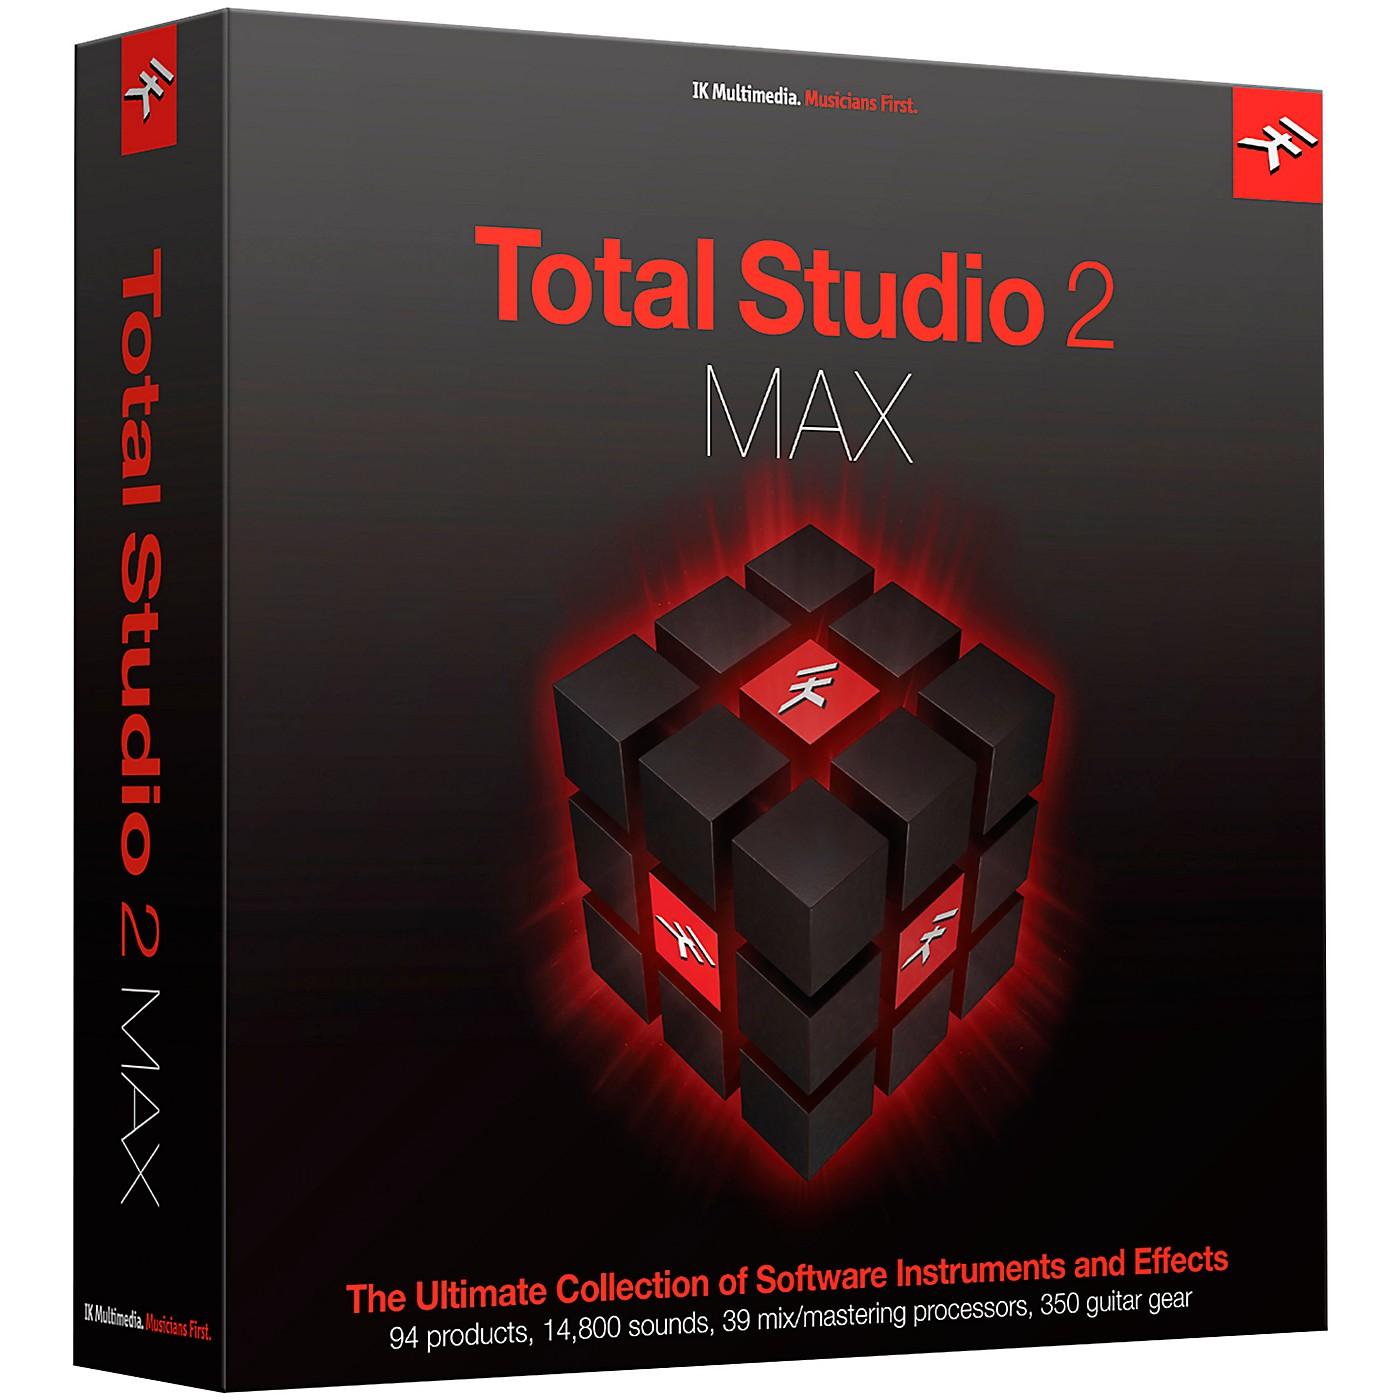 IK Multimedia Total Studio 2 MAX thumbnail